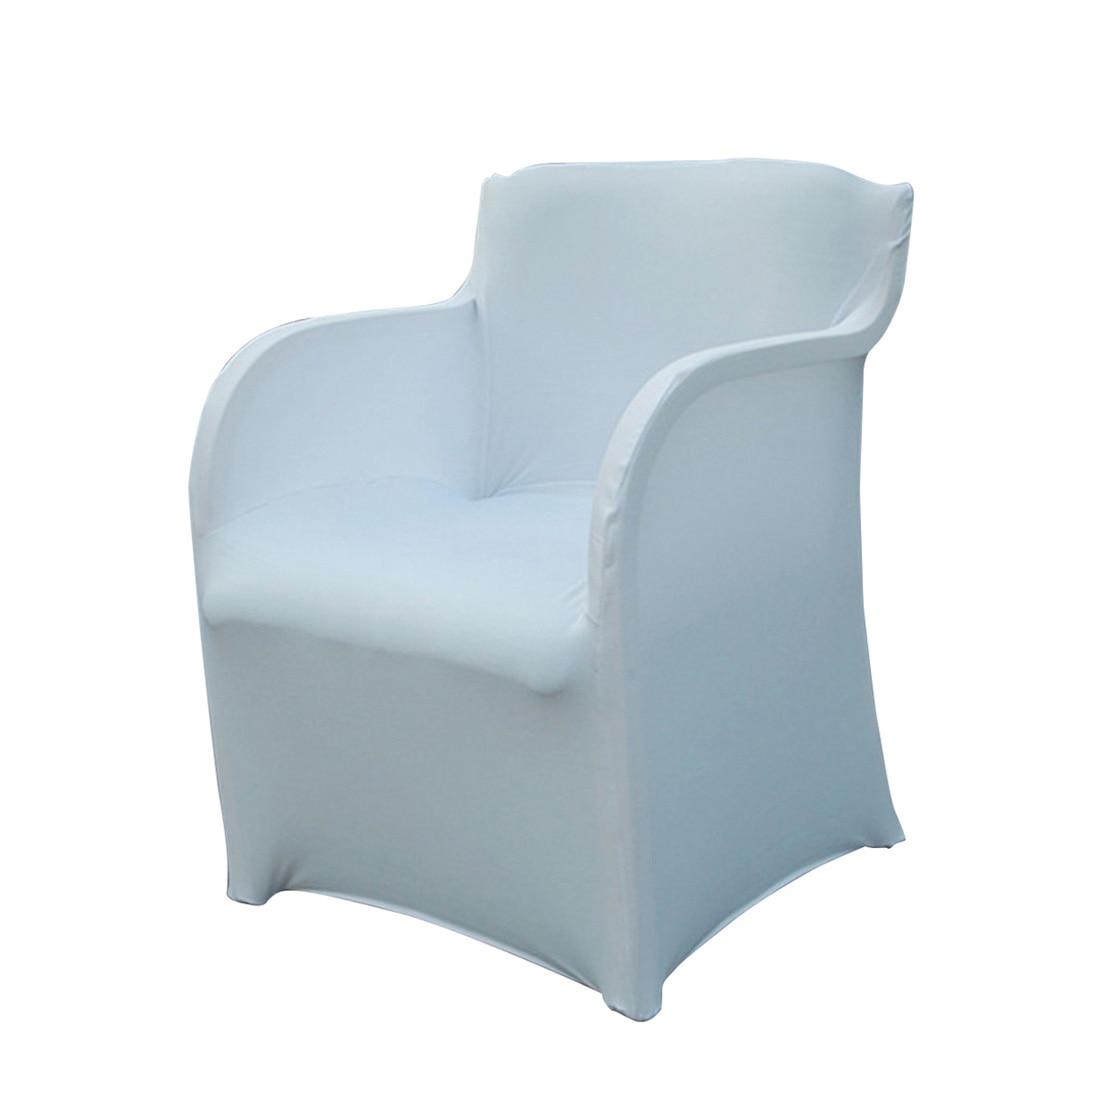 Top pārdošanas krēsls Slipcover Spandex Stretch Arm krēslu pārklājums kāzu svinību viesnīcas mājas piederumi 73 * 55CM